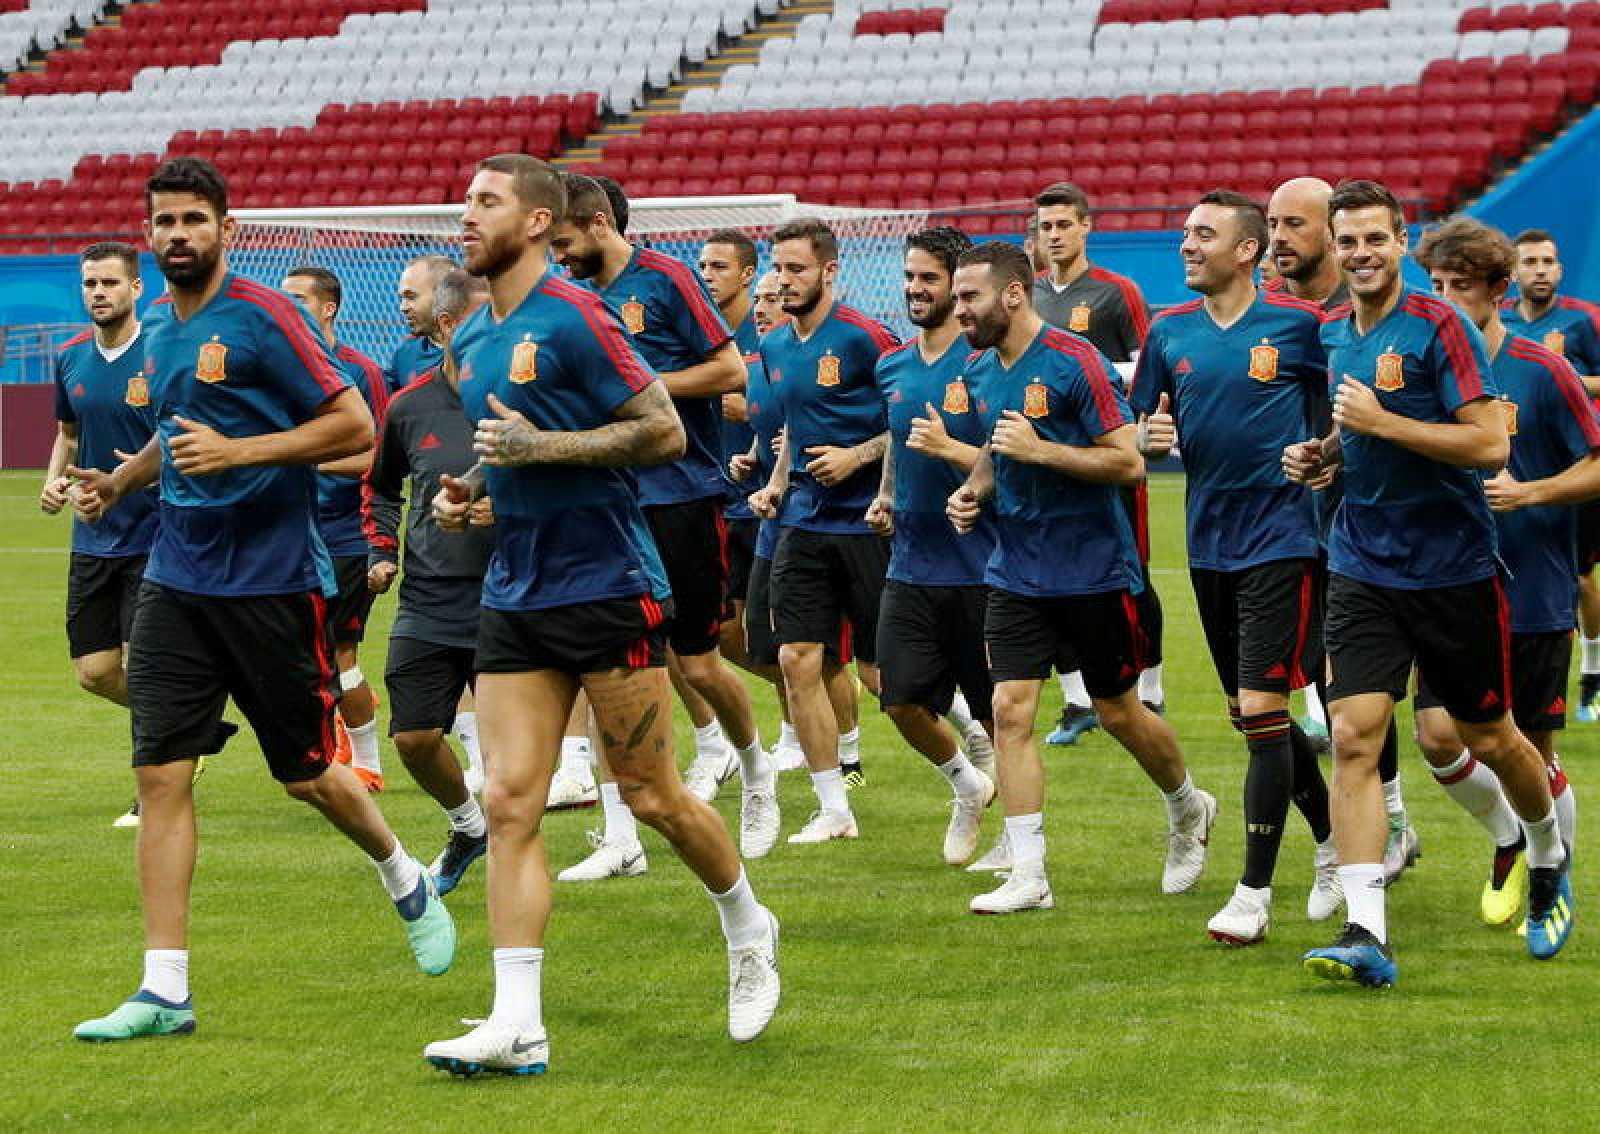 La selección española durante el entrenamiento previo al choque.